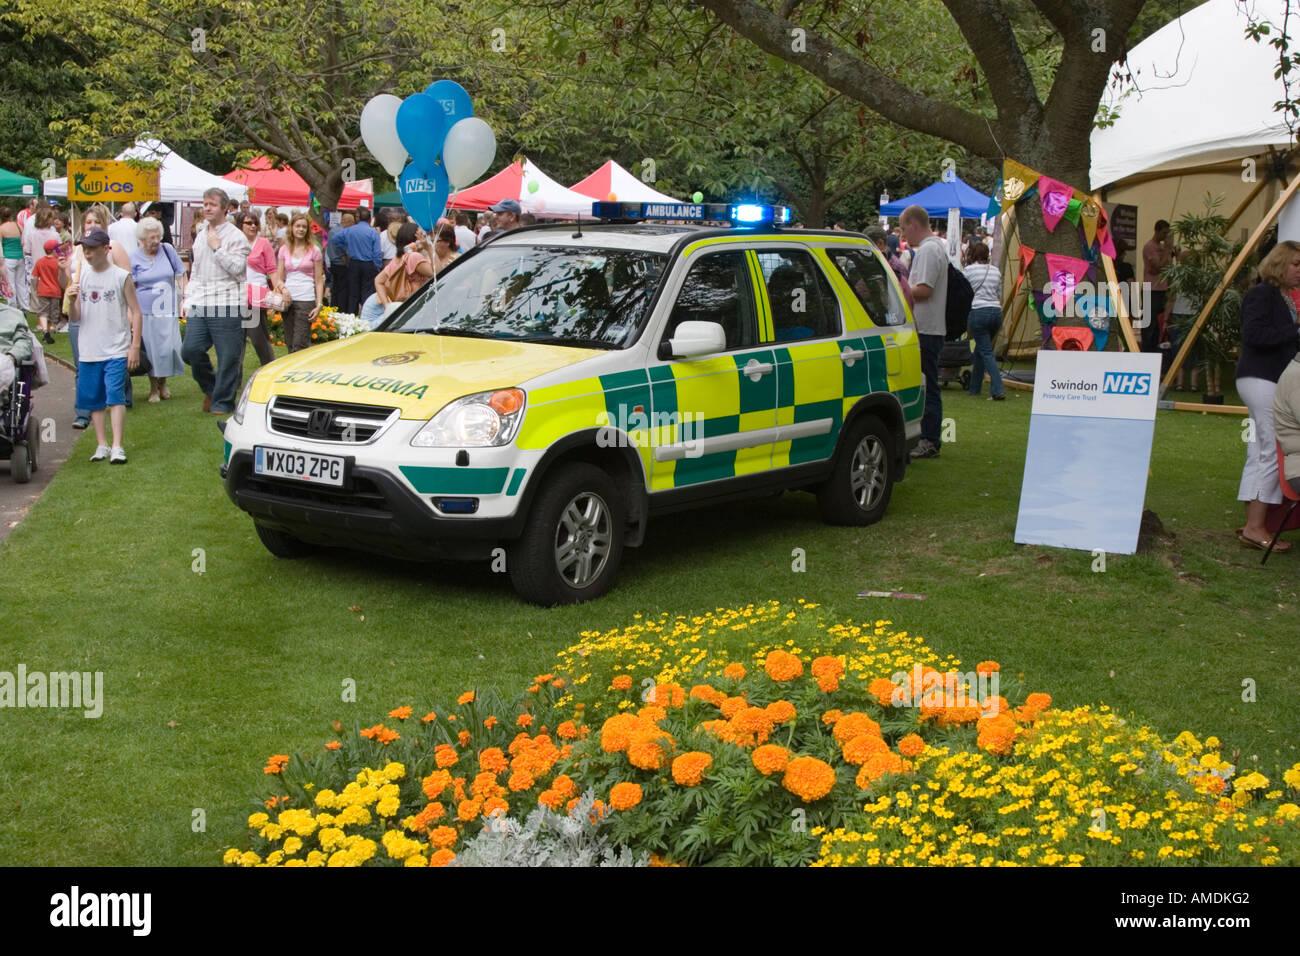 Ambulance response car at the Swindon Mela - Stock Image